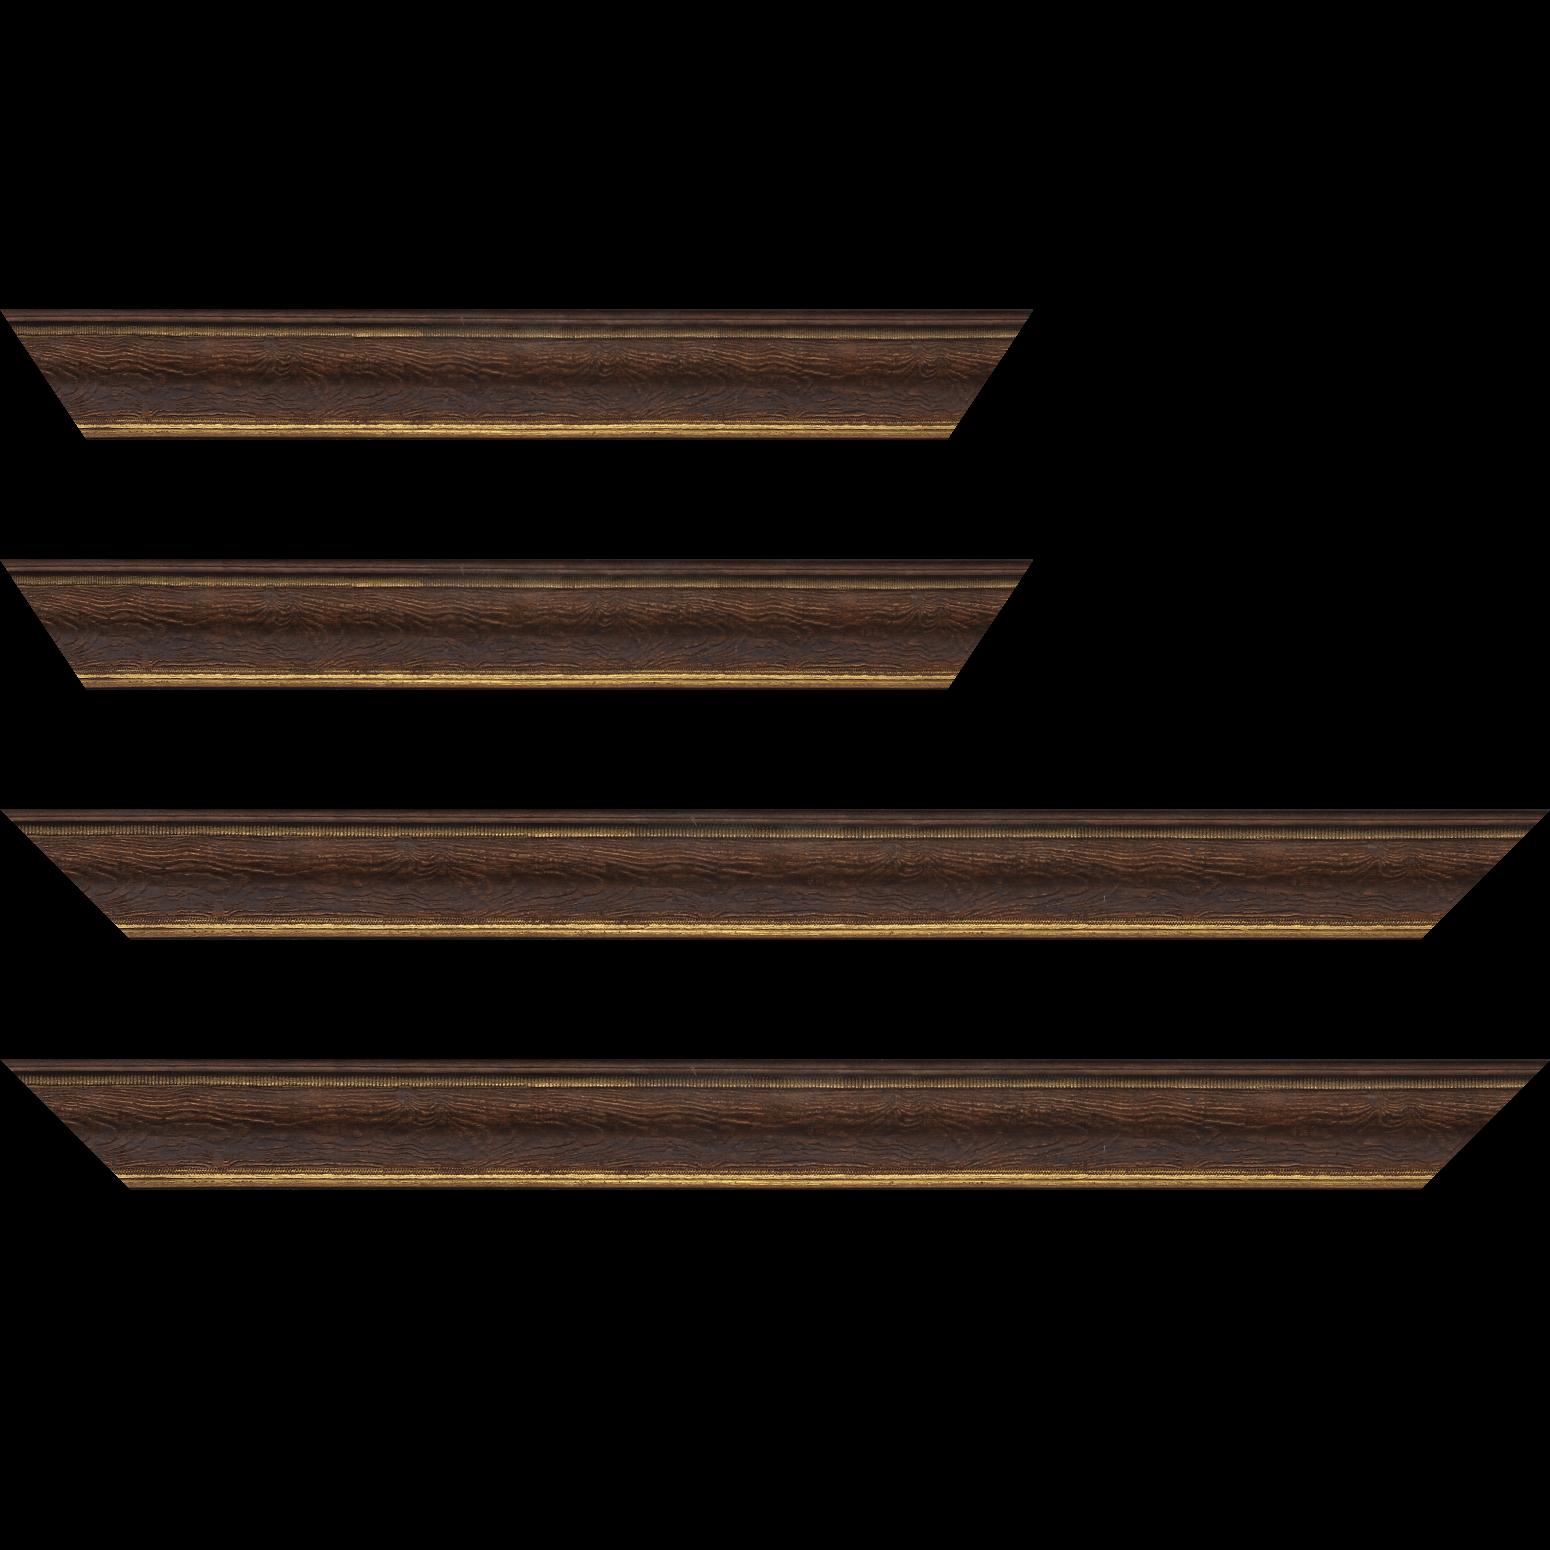 Baguette service précoupé Bois incurvé profil incurvé largeur 4.1cm couleur marron foncé aspect veiné liseret or